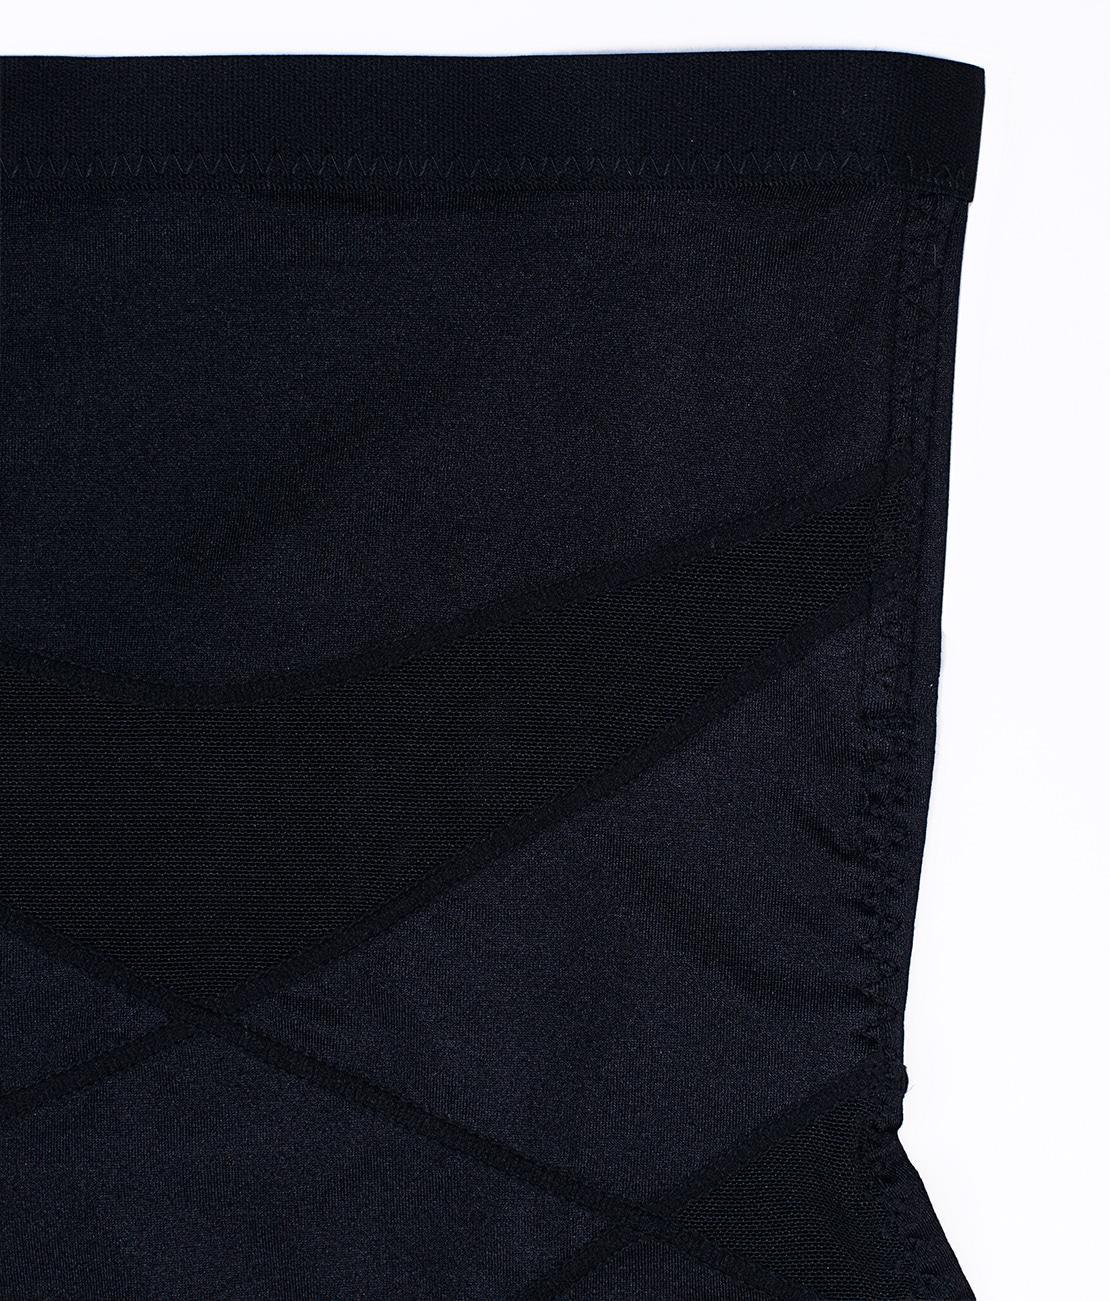 Culotte gainante soyeuse Noire Detail 1